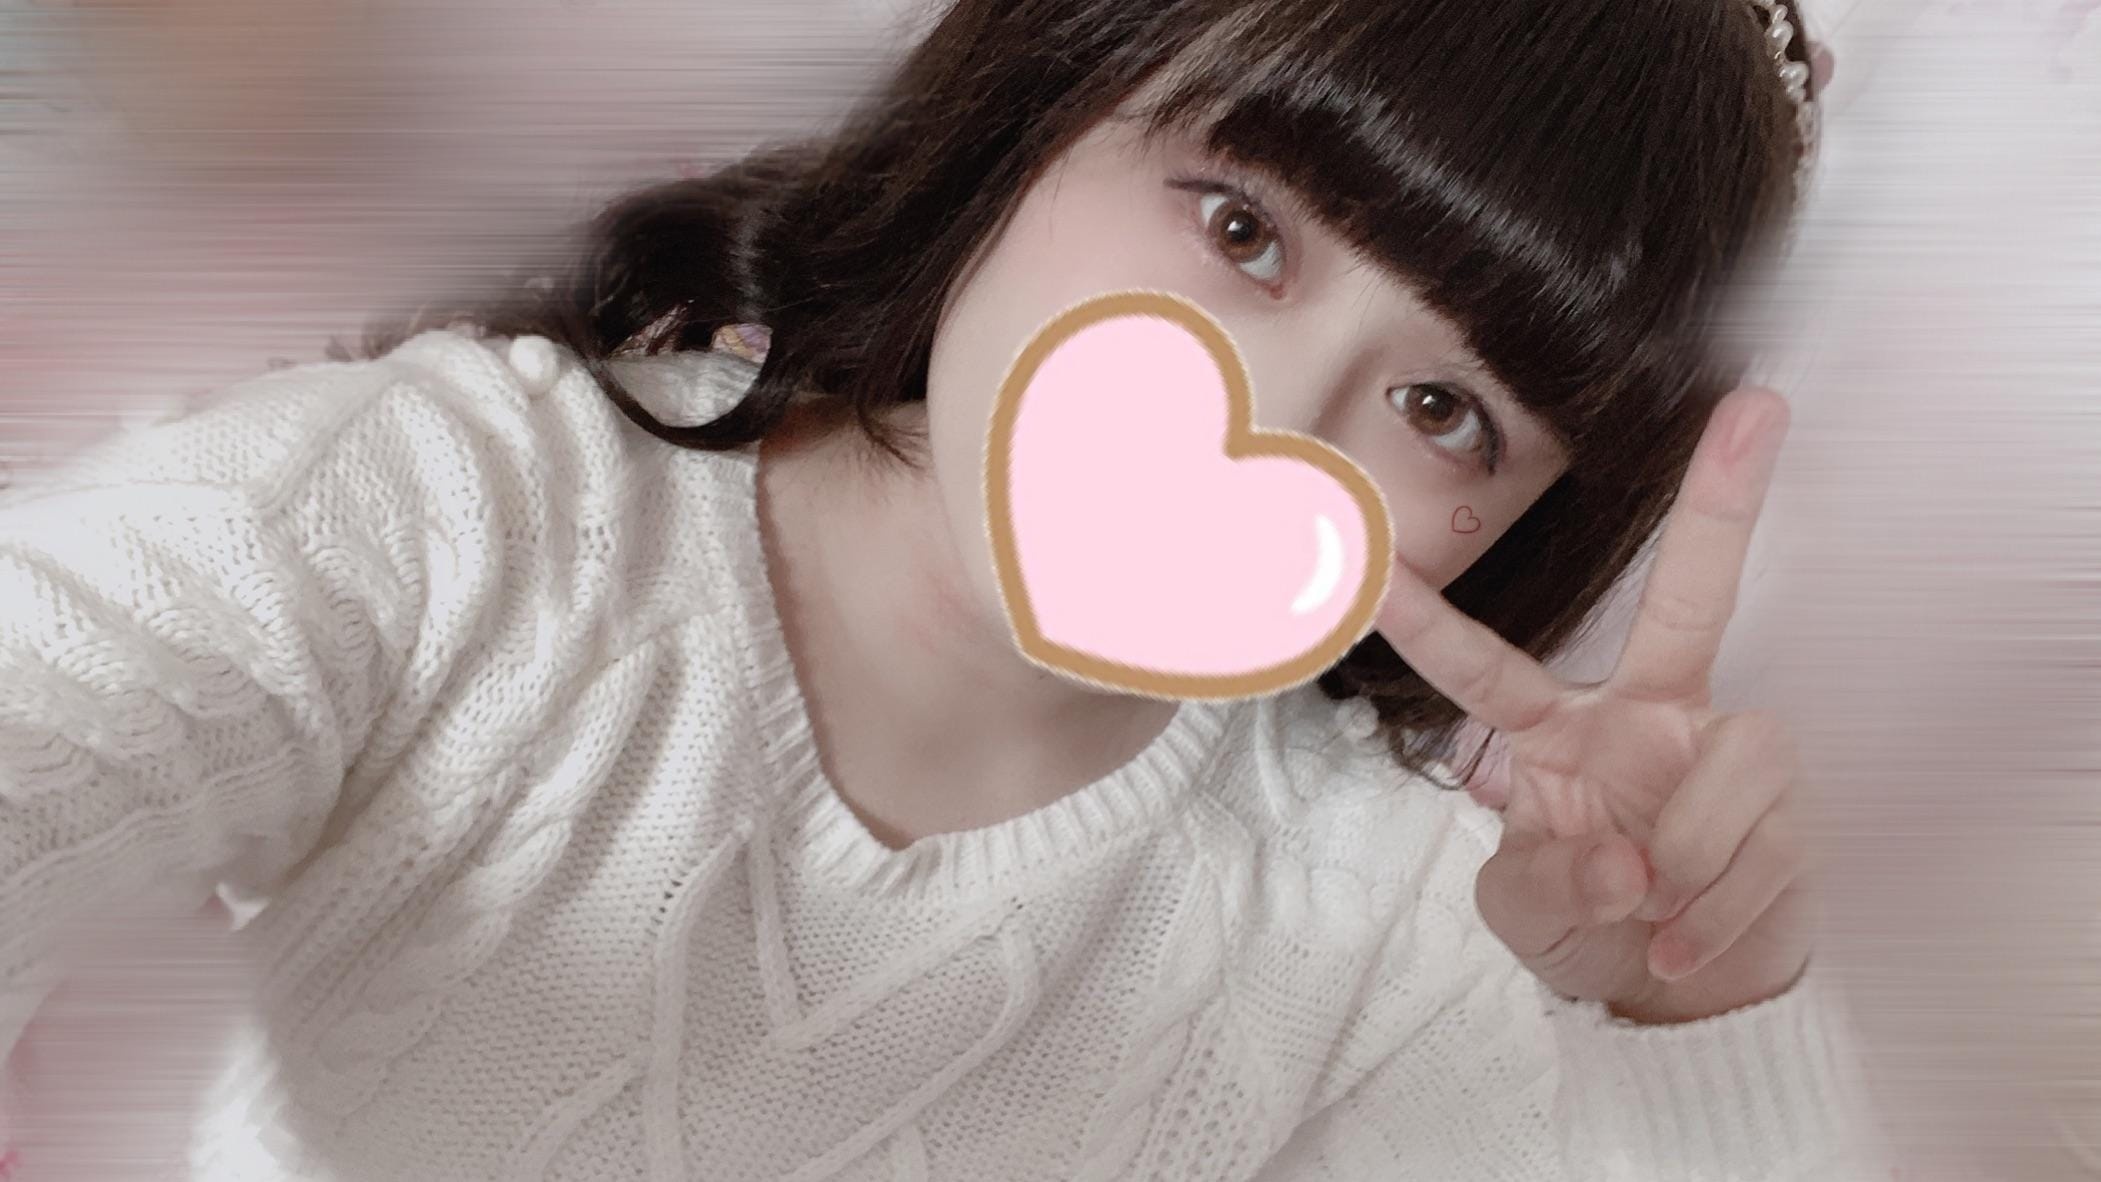 「天気☁️☀☔」01/26(01/26) 14:12 | もえるの写メ・風俗動画